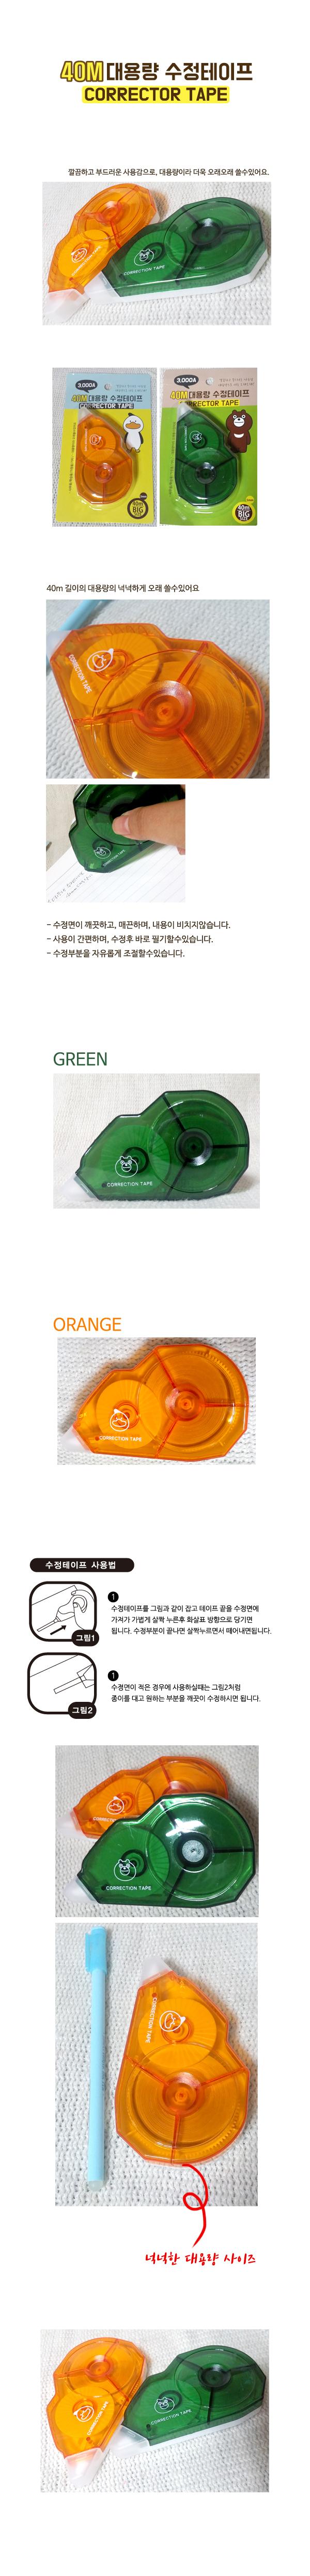 대용량수정테이프 - 유노디자인, 3,000원, 지우개/수정액, 수정테이프